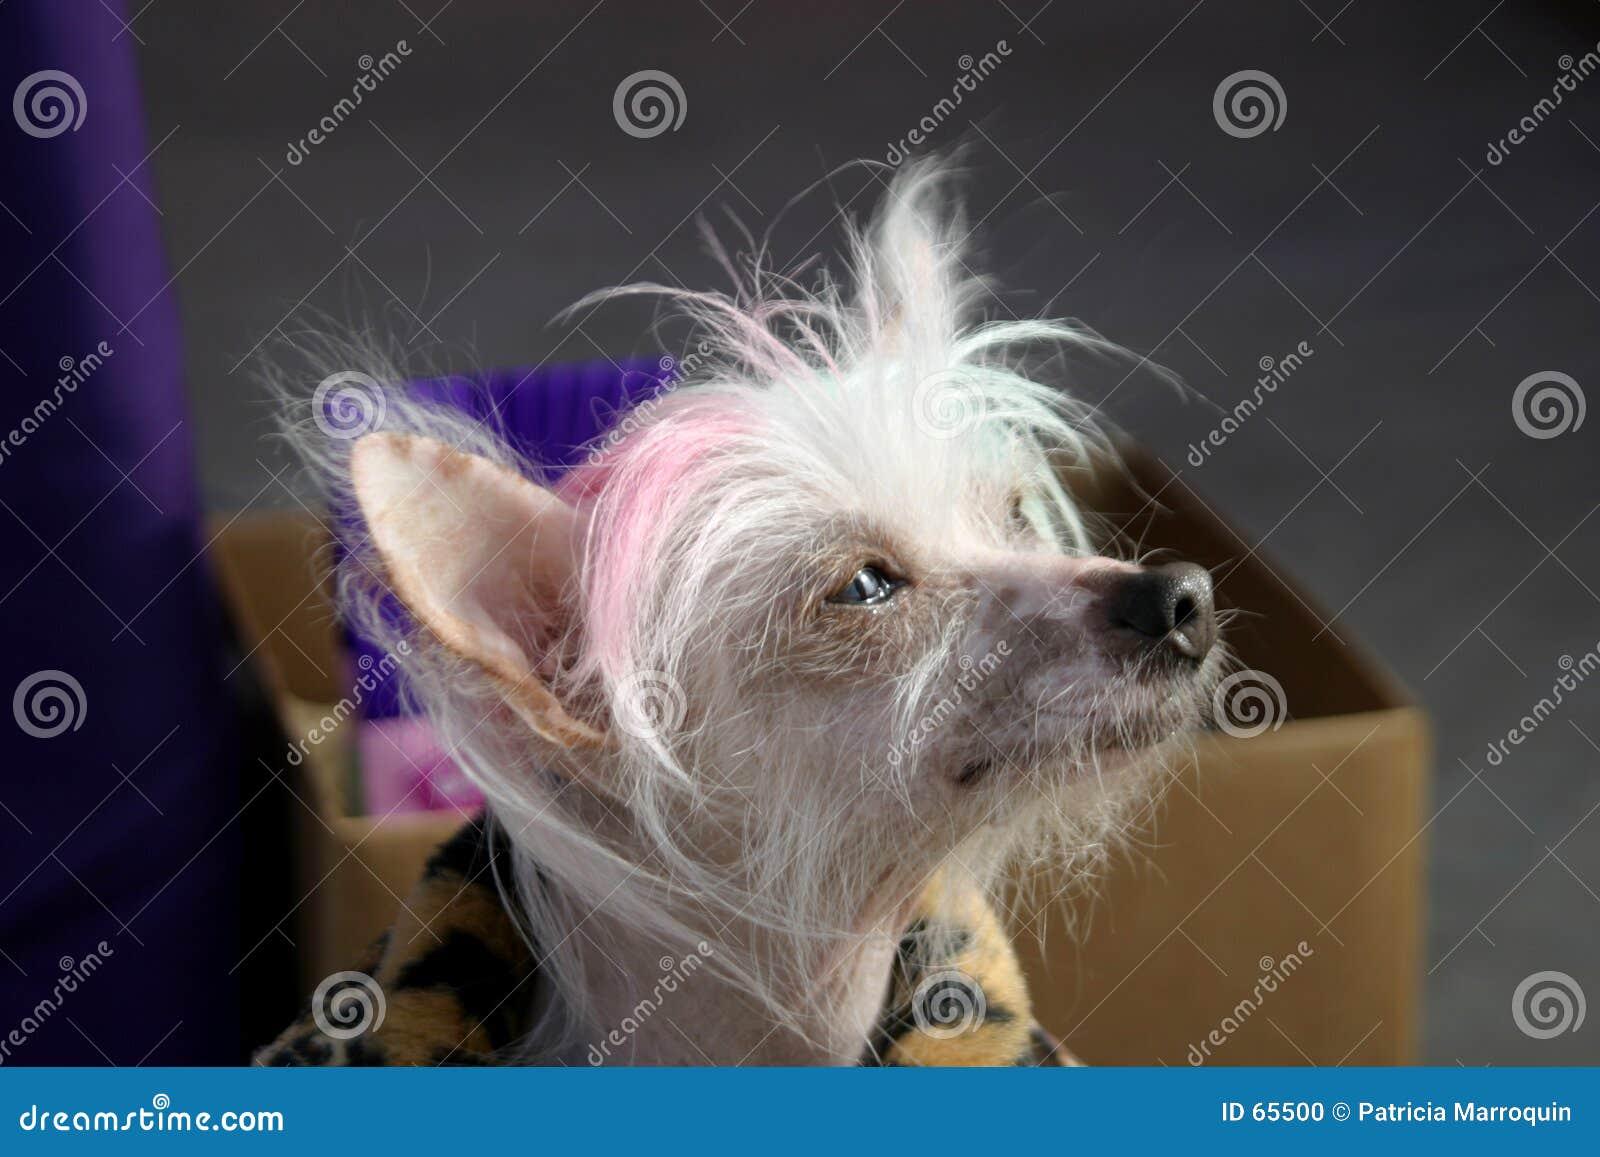 Perro con cresta chino pensativo